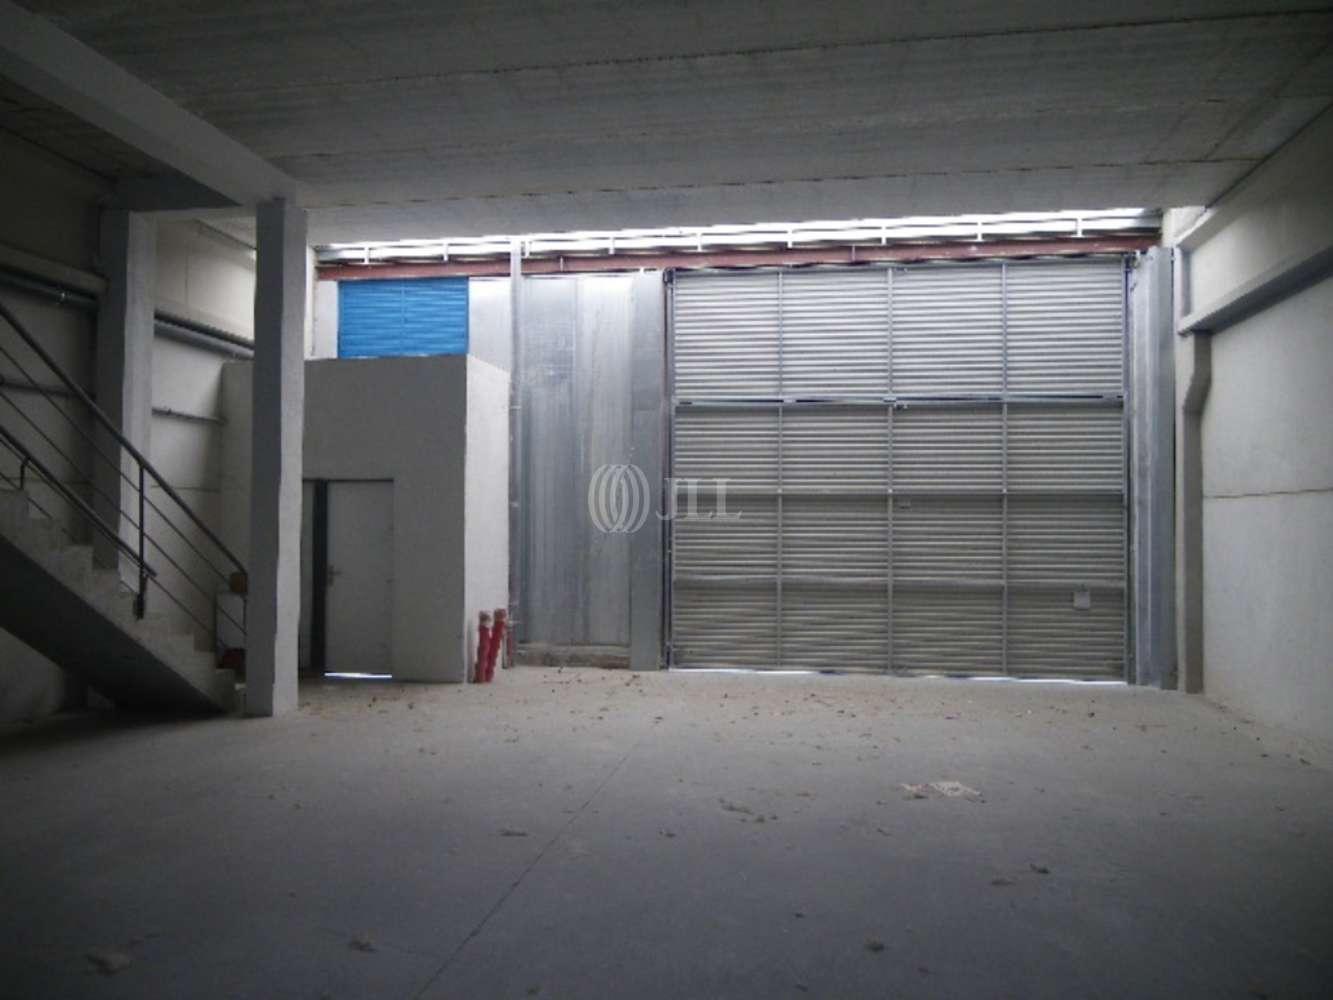 Naves industriales y logísticas San agustín del guadalix, 28750 - Nave Industrial - M0220 - P.A.E. MADRID NORTE - 3110